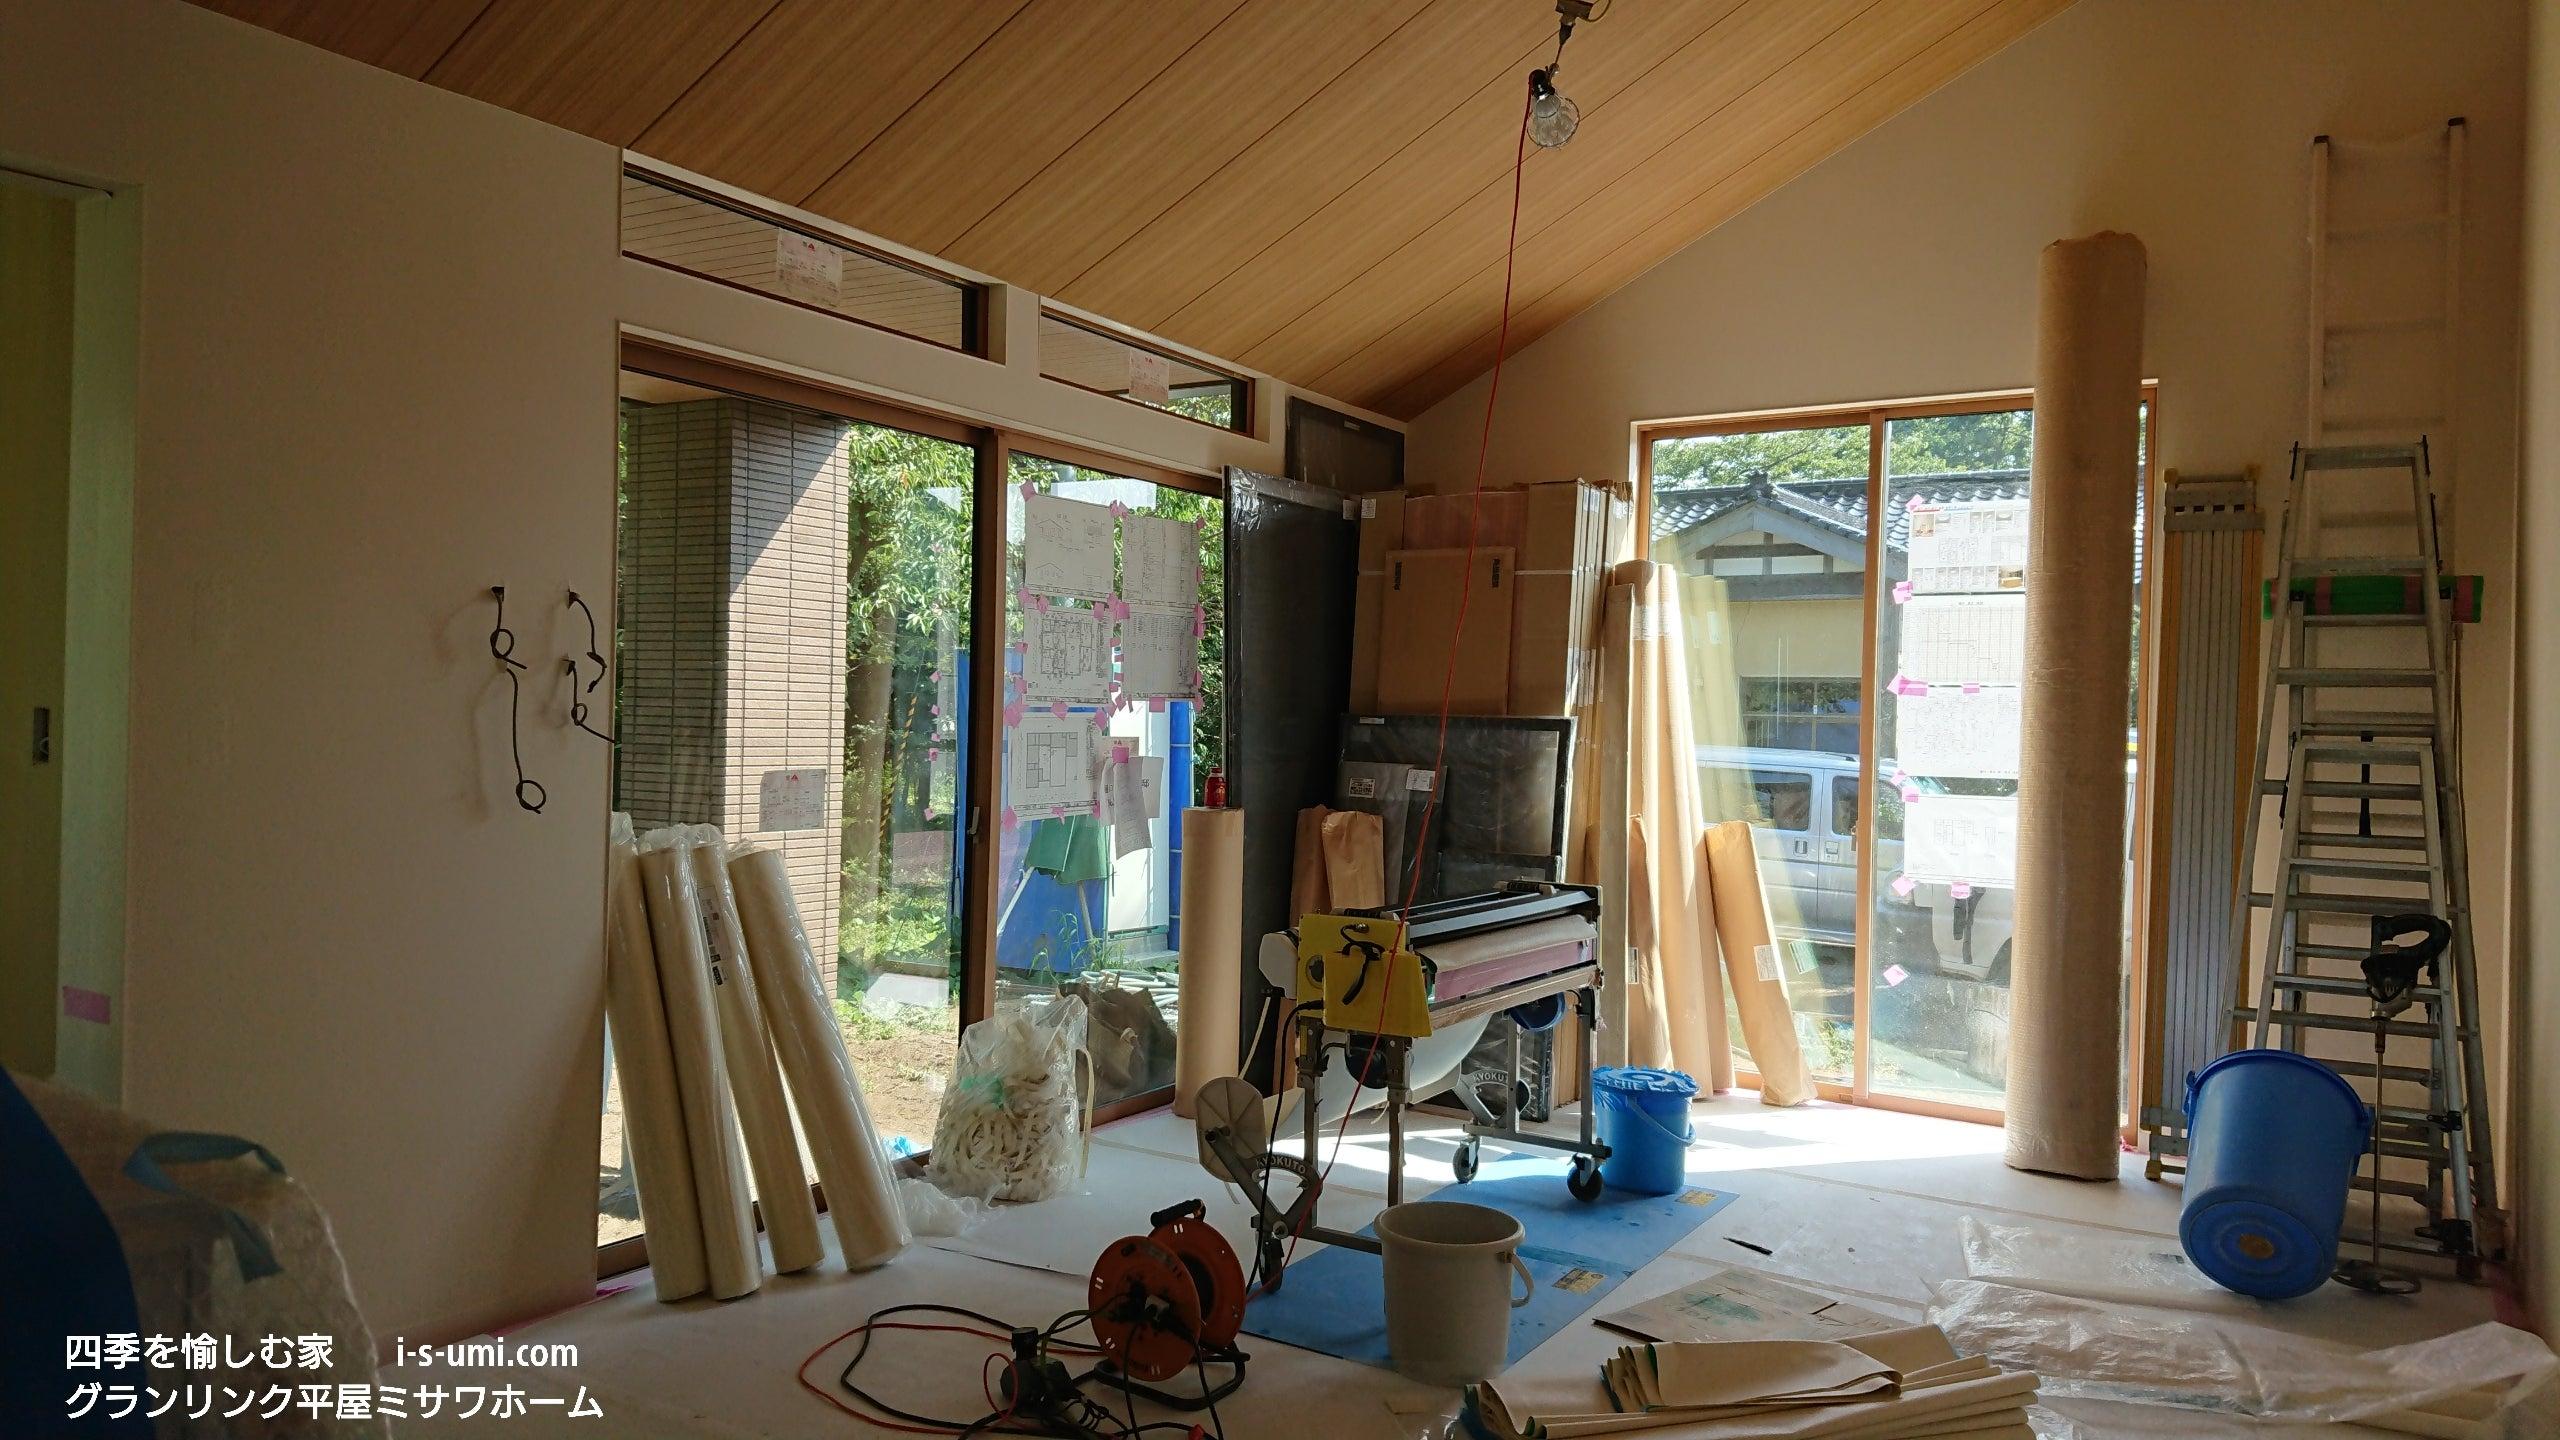 建築現場 後編 壁 天井クロス張り 匠の手仕事 ミサワホーム 四季